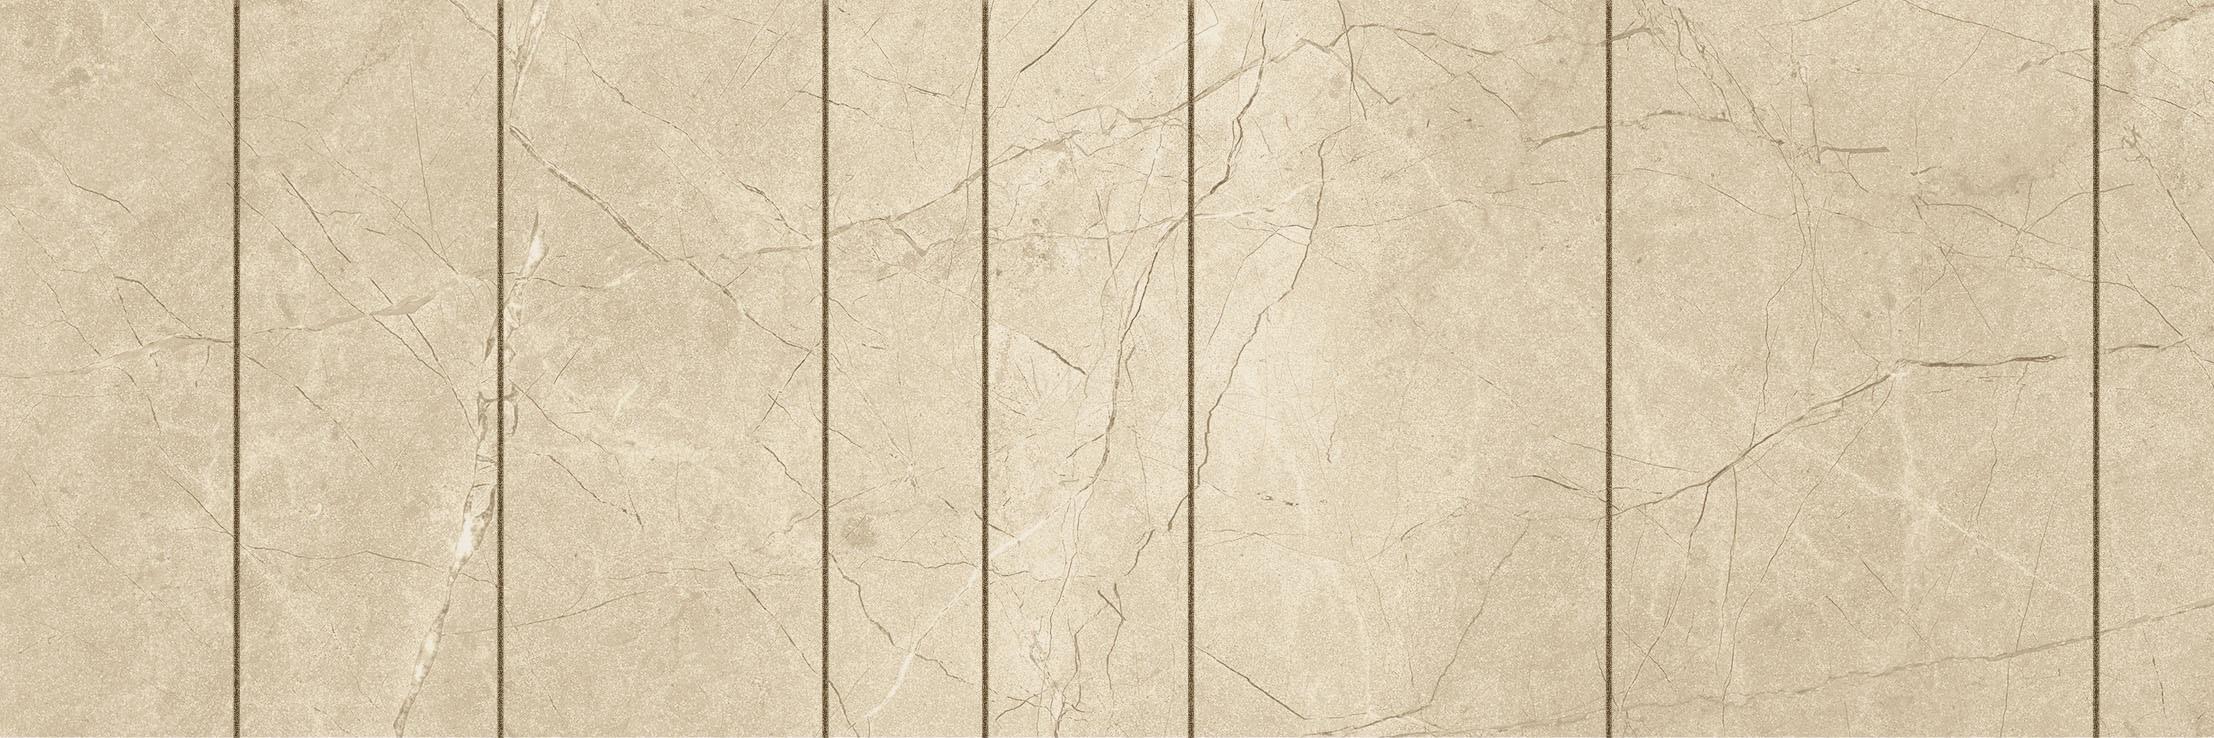 Купить Керамическая плитка Италон Charme Extra 600080000370 Arcadia Inserto Golden Line 25х75, Россия